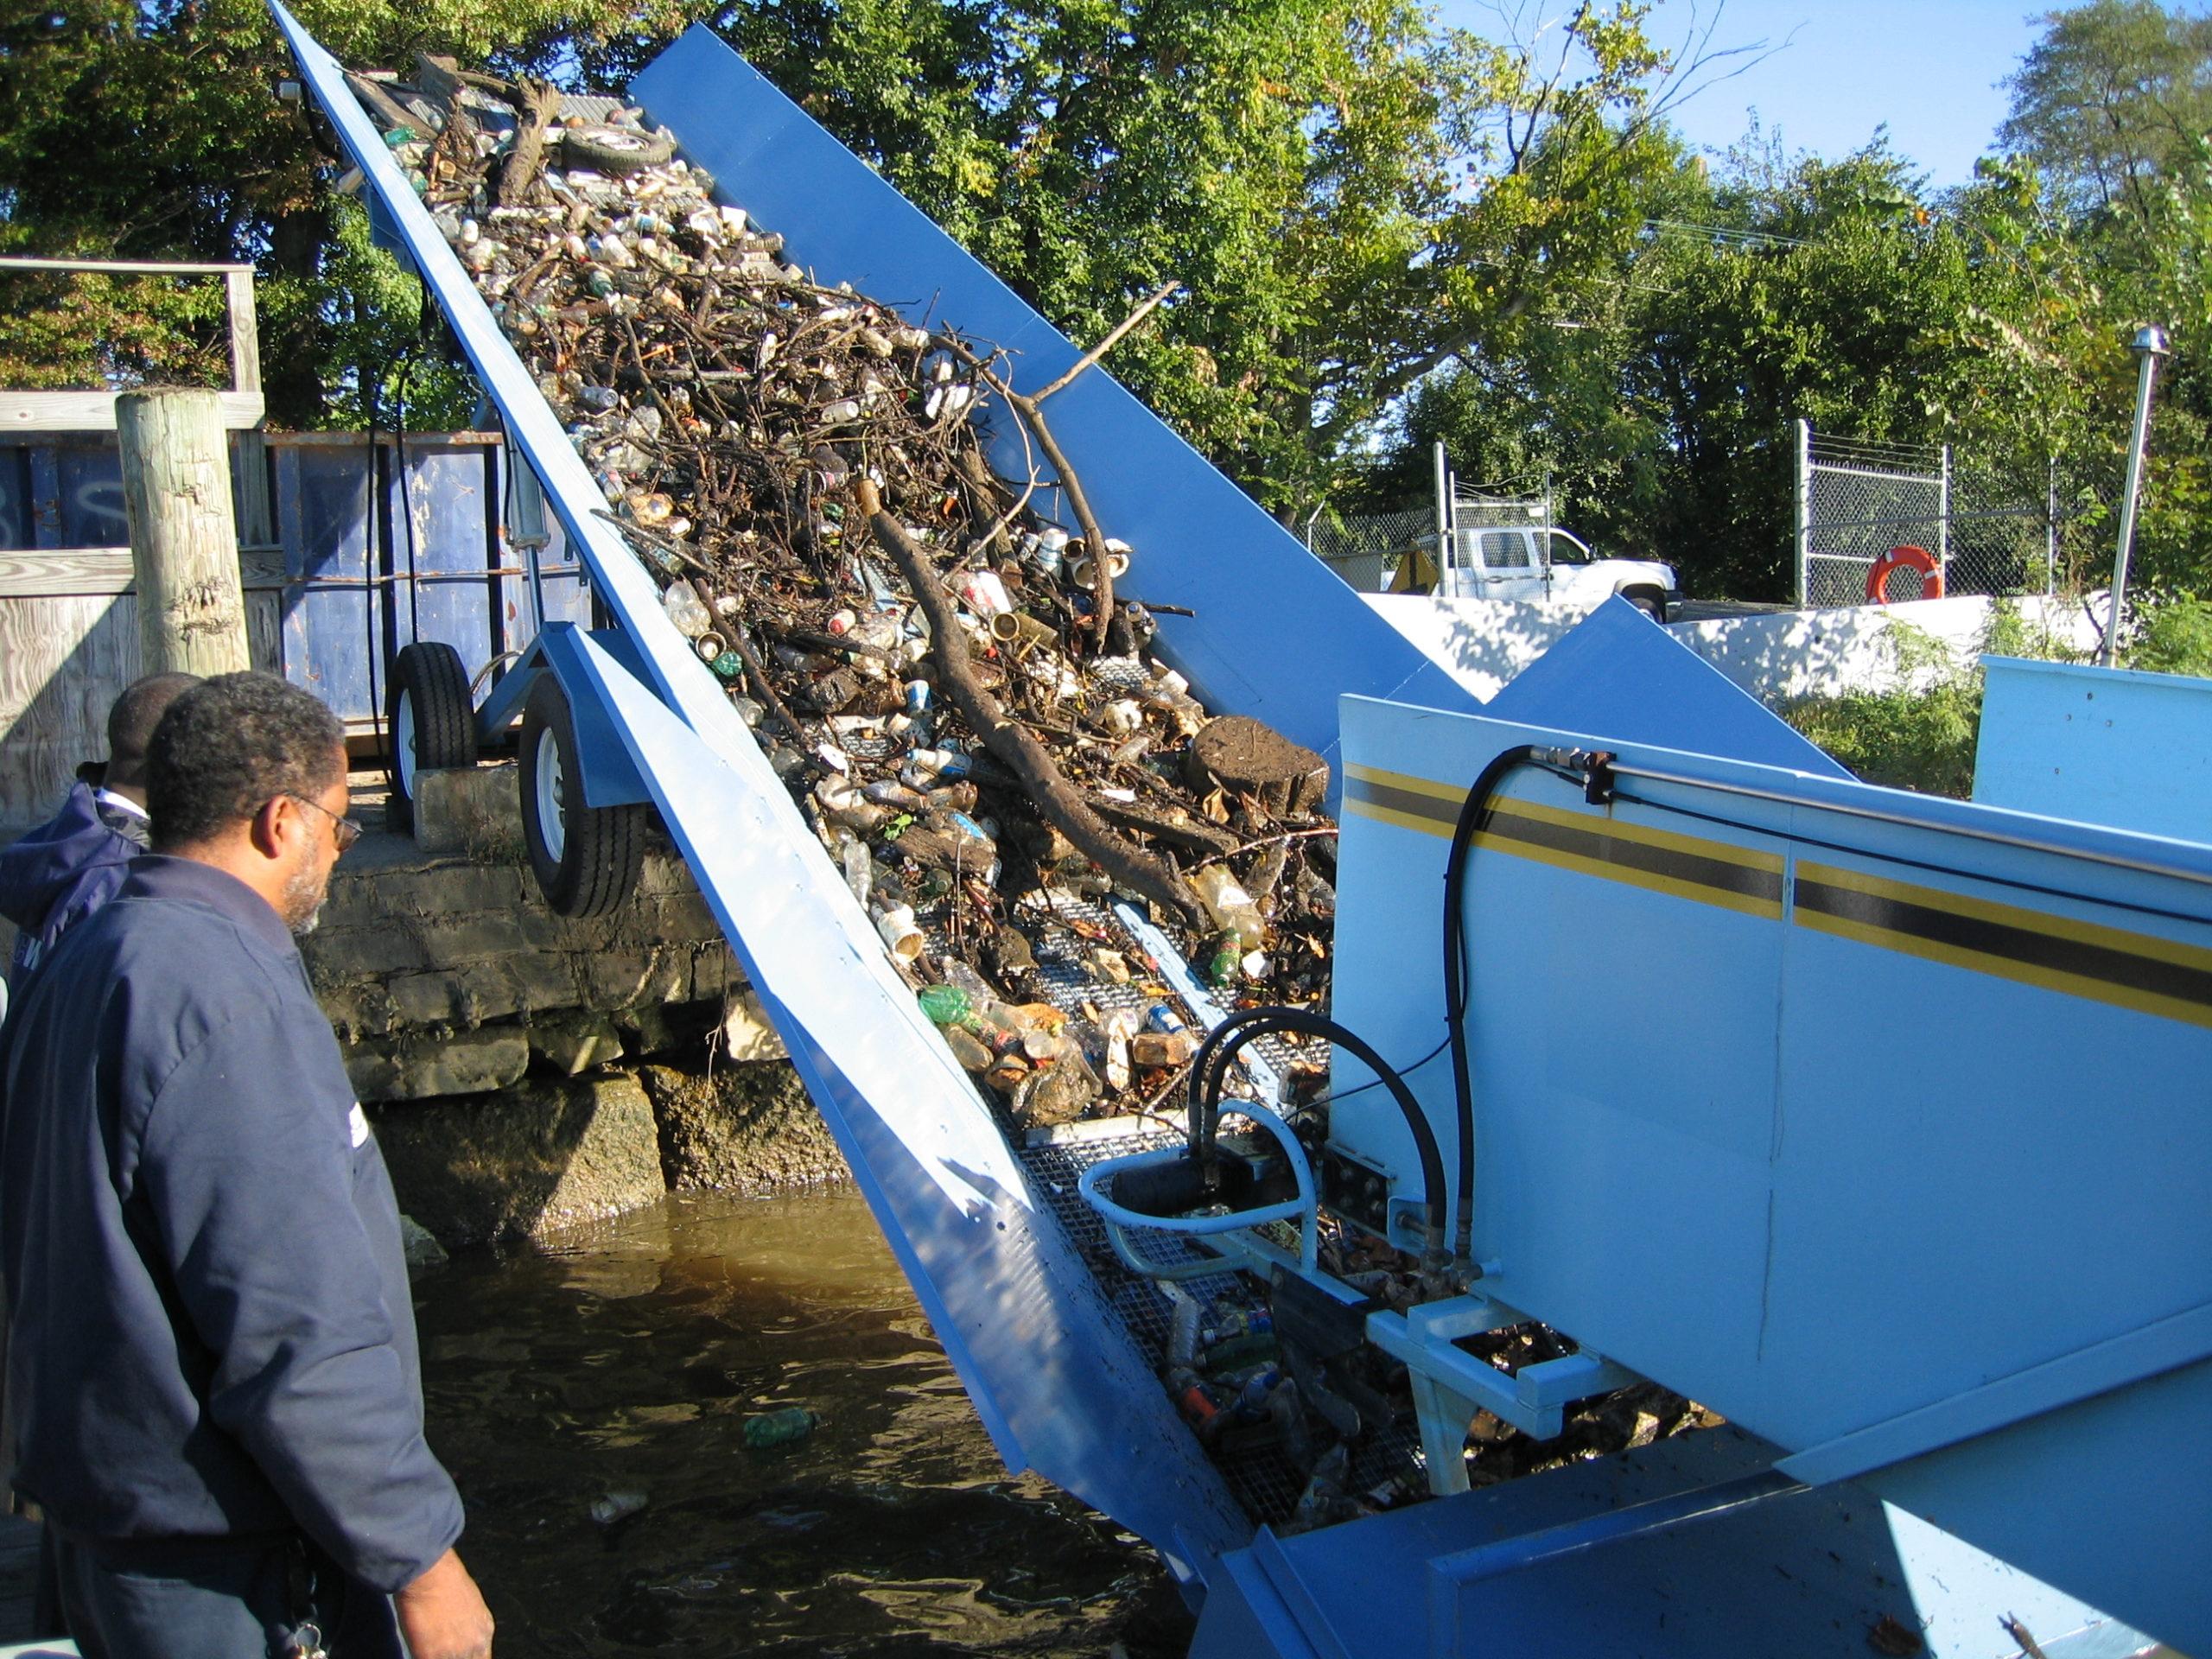 Alphaboats PC6036 Pier Conveyor off loading trash from Trash Skimmer